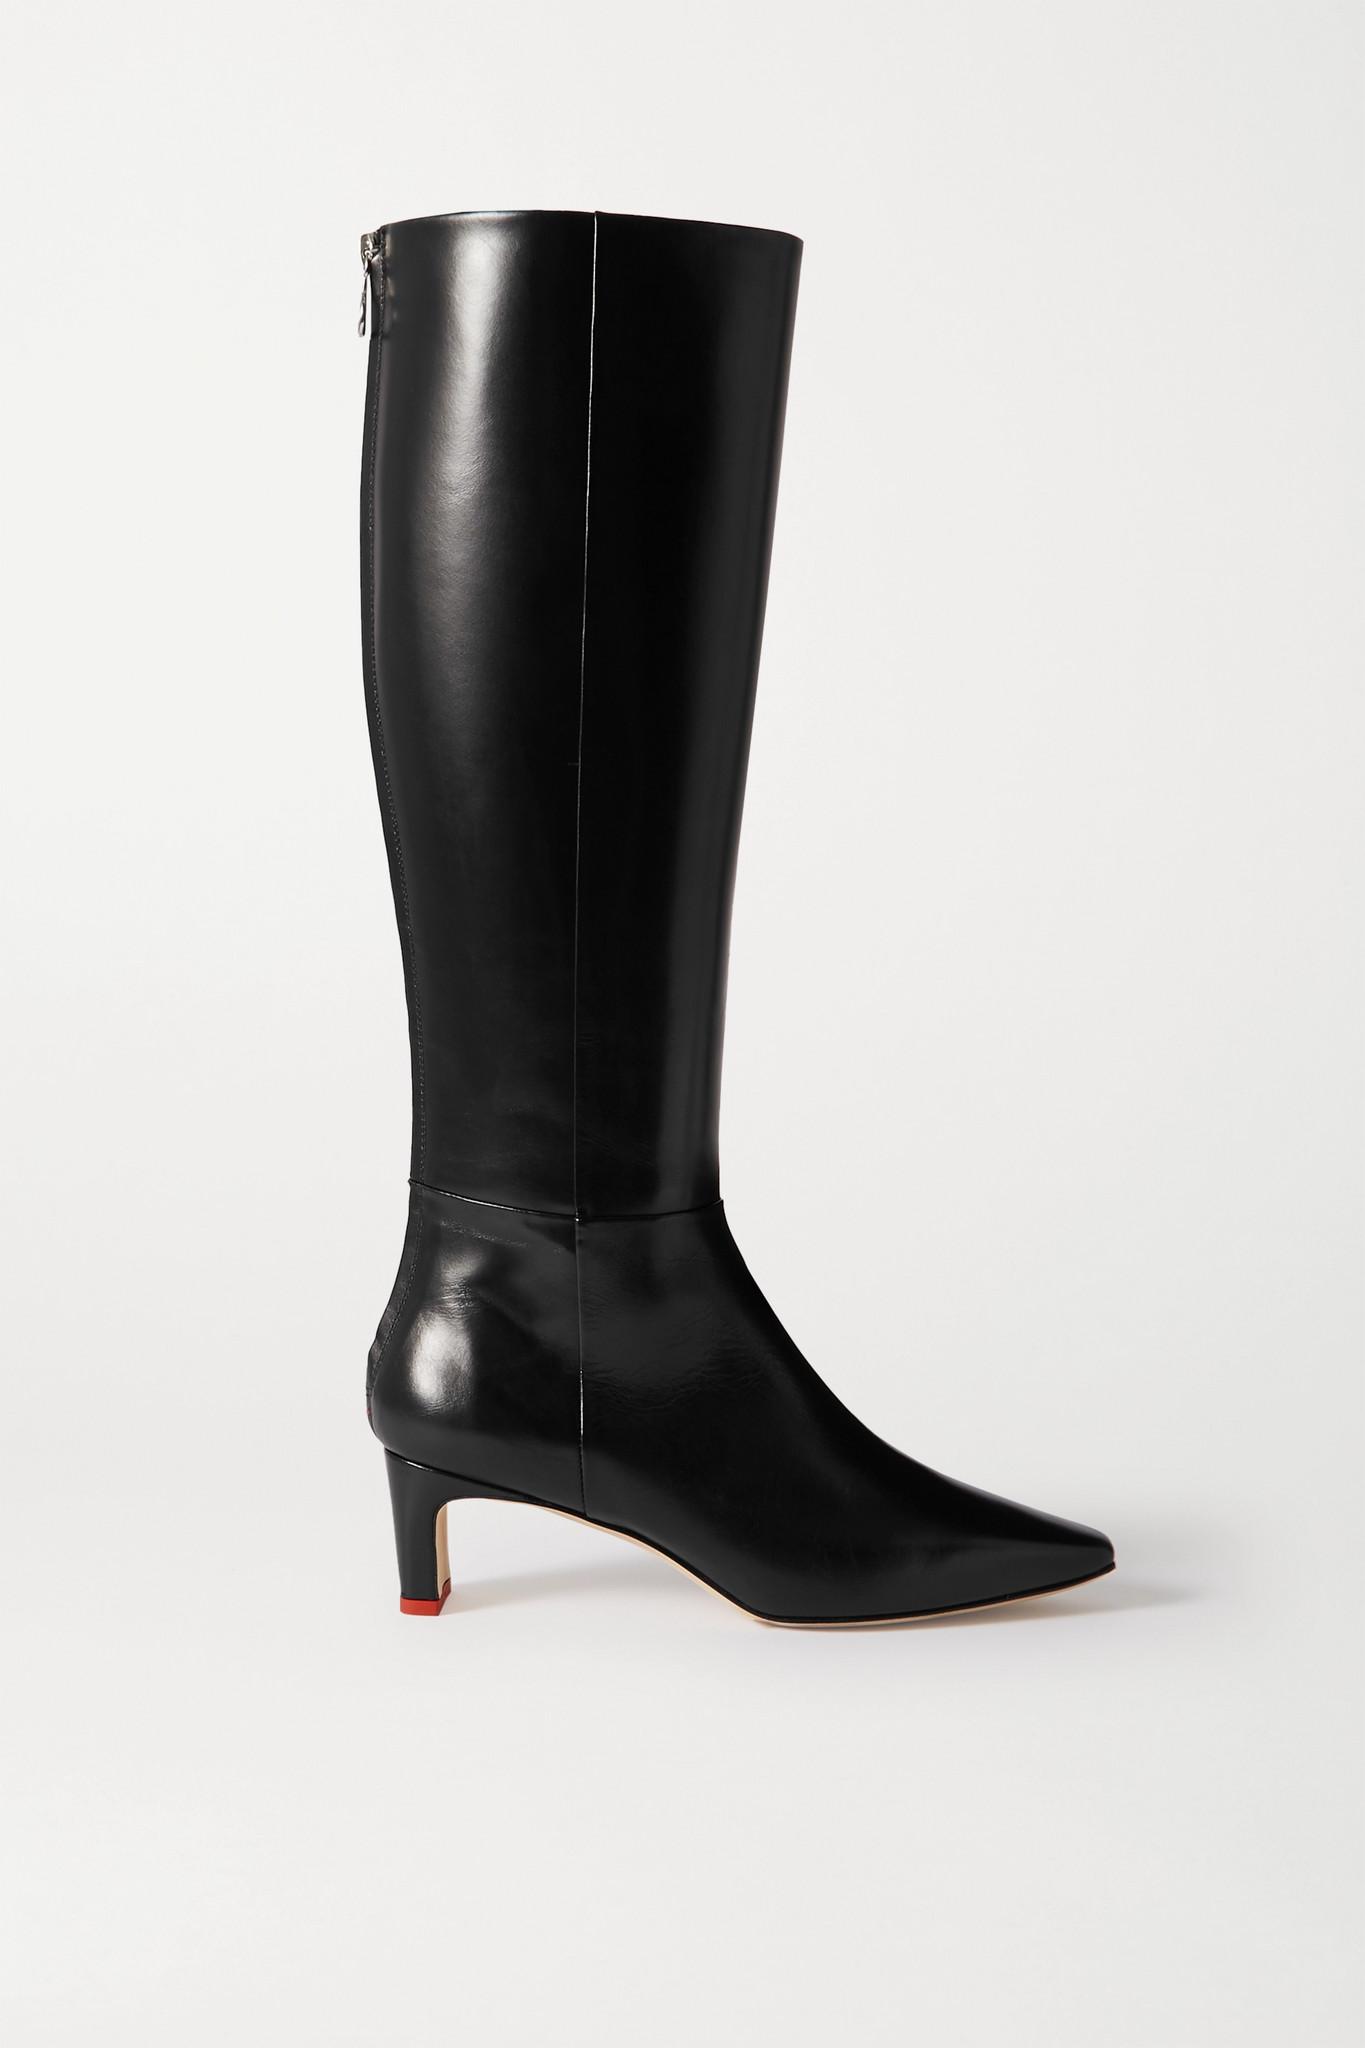 AEYDE - Sidney 皮革及膝长靴 - 黑色 - IT37